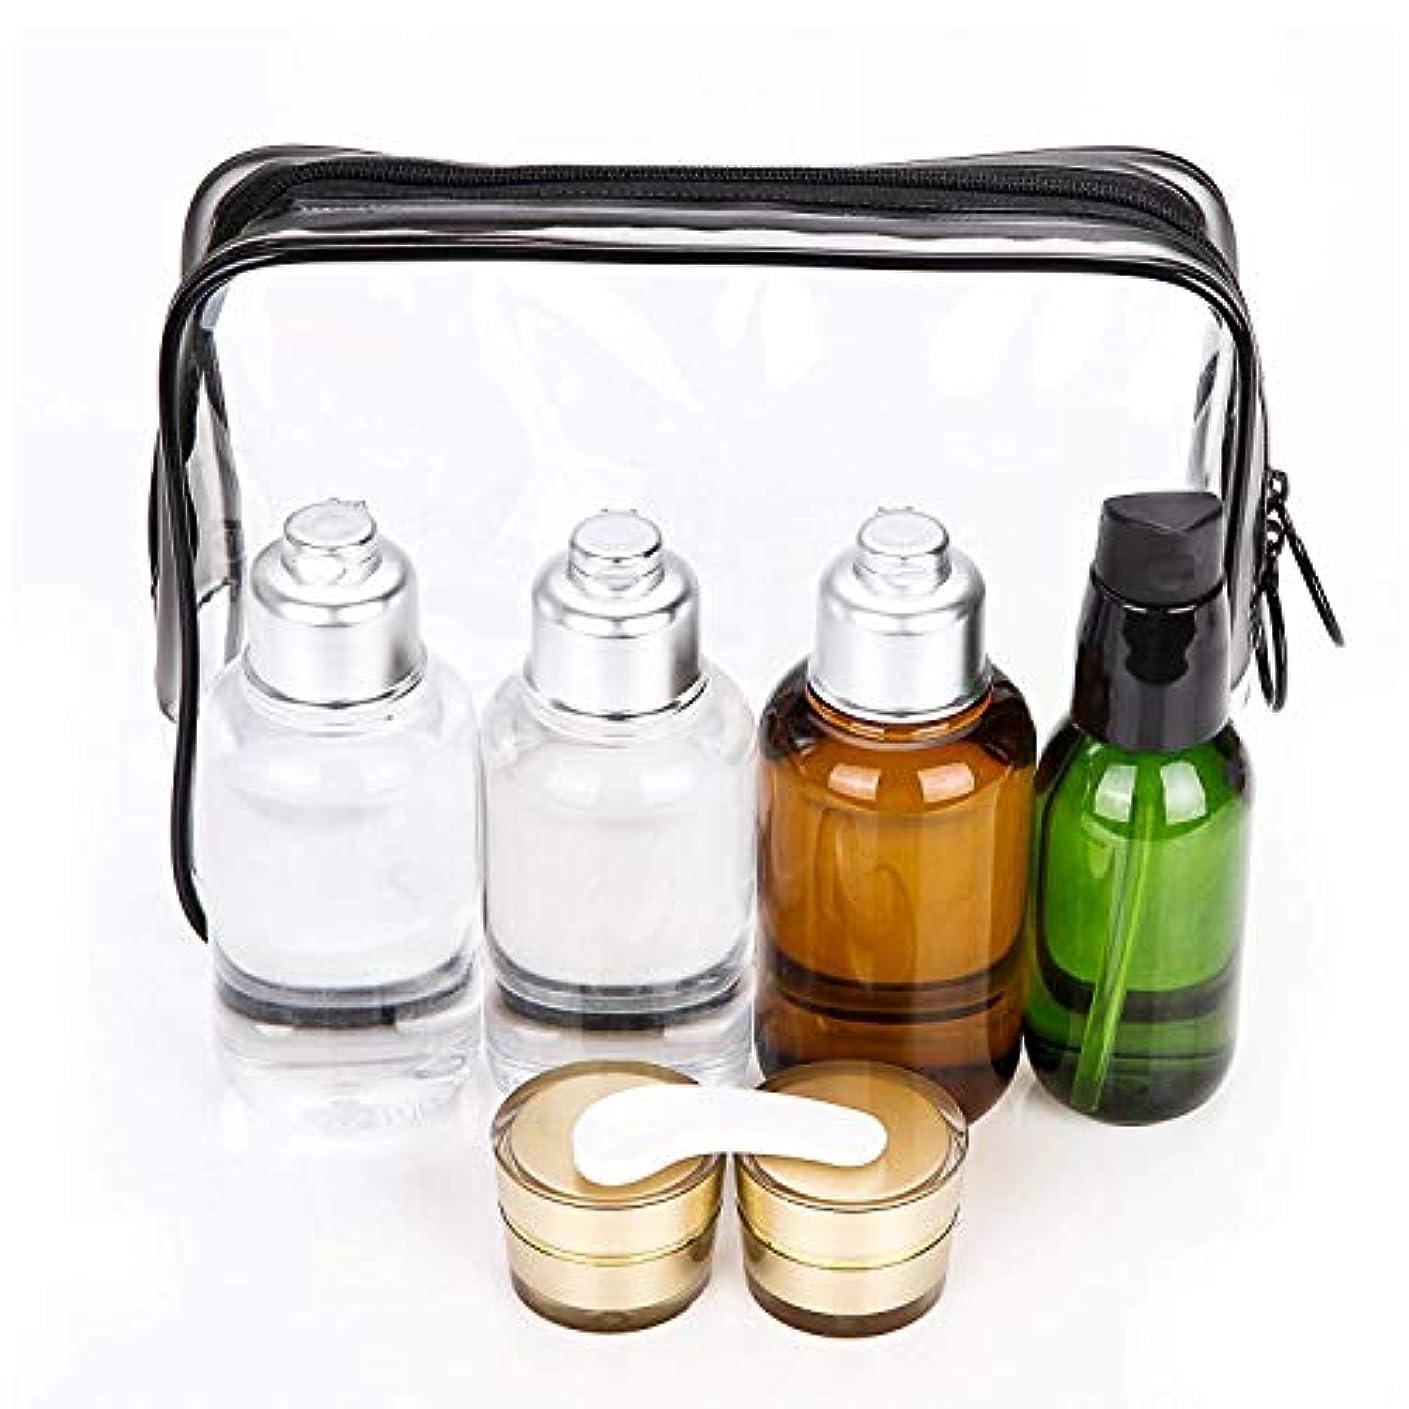 ほのか複数レコーダーBijou Cat トラベル用ボトル 詰替ボトル シャンプーボトル 旅行携帯用容器